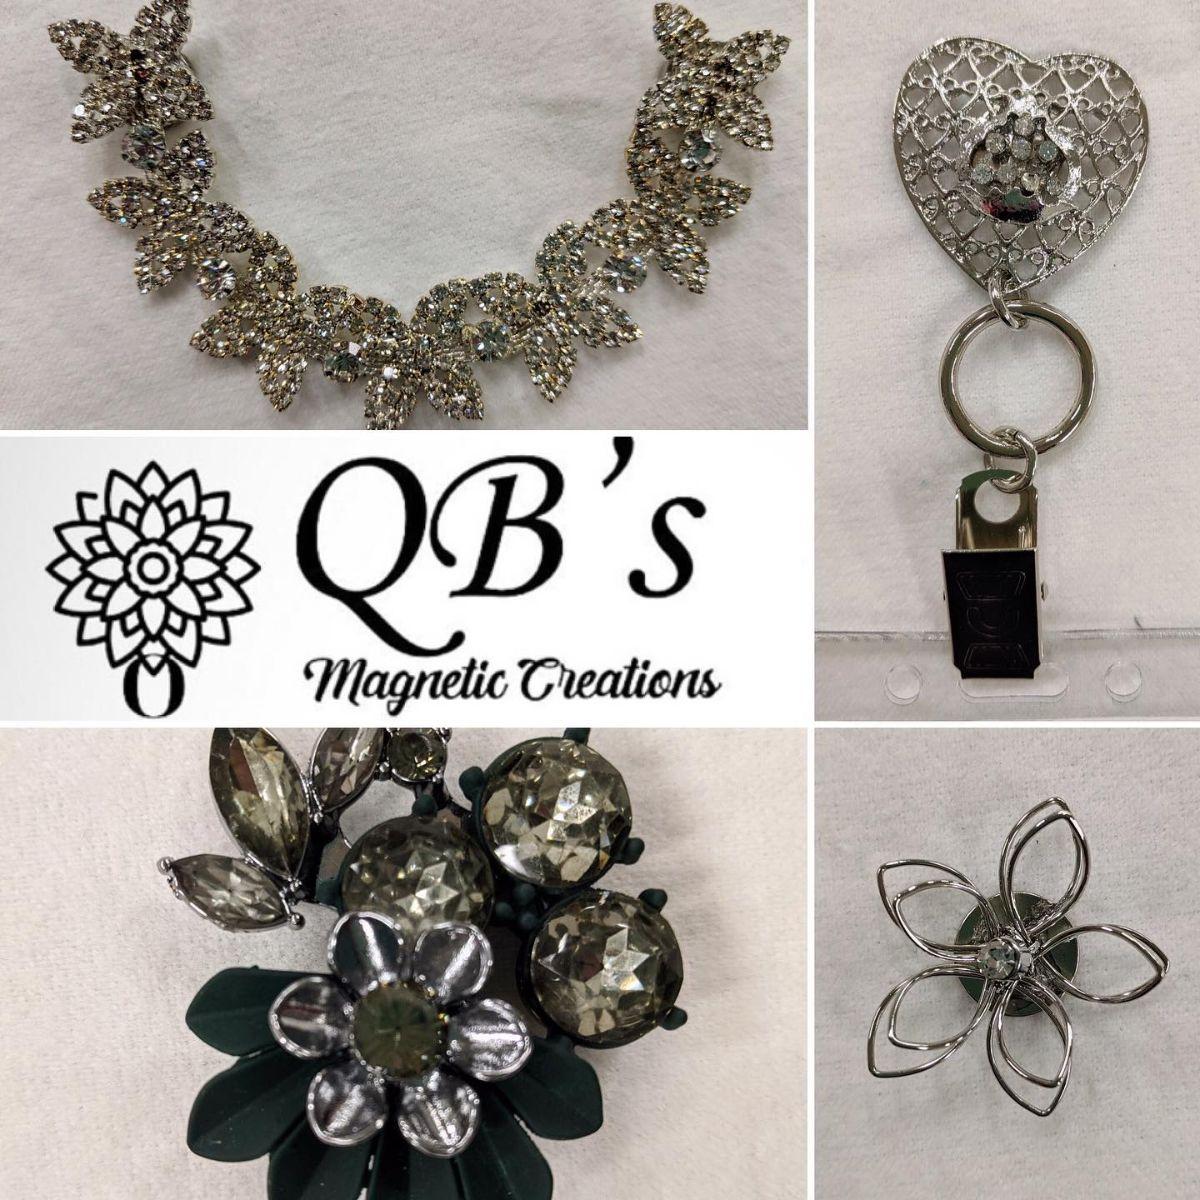 Shop QB's Magnetic Creations